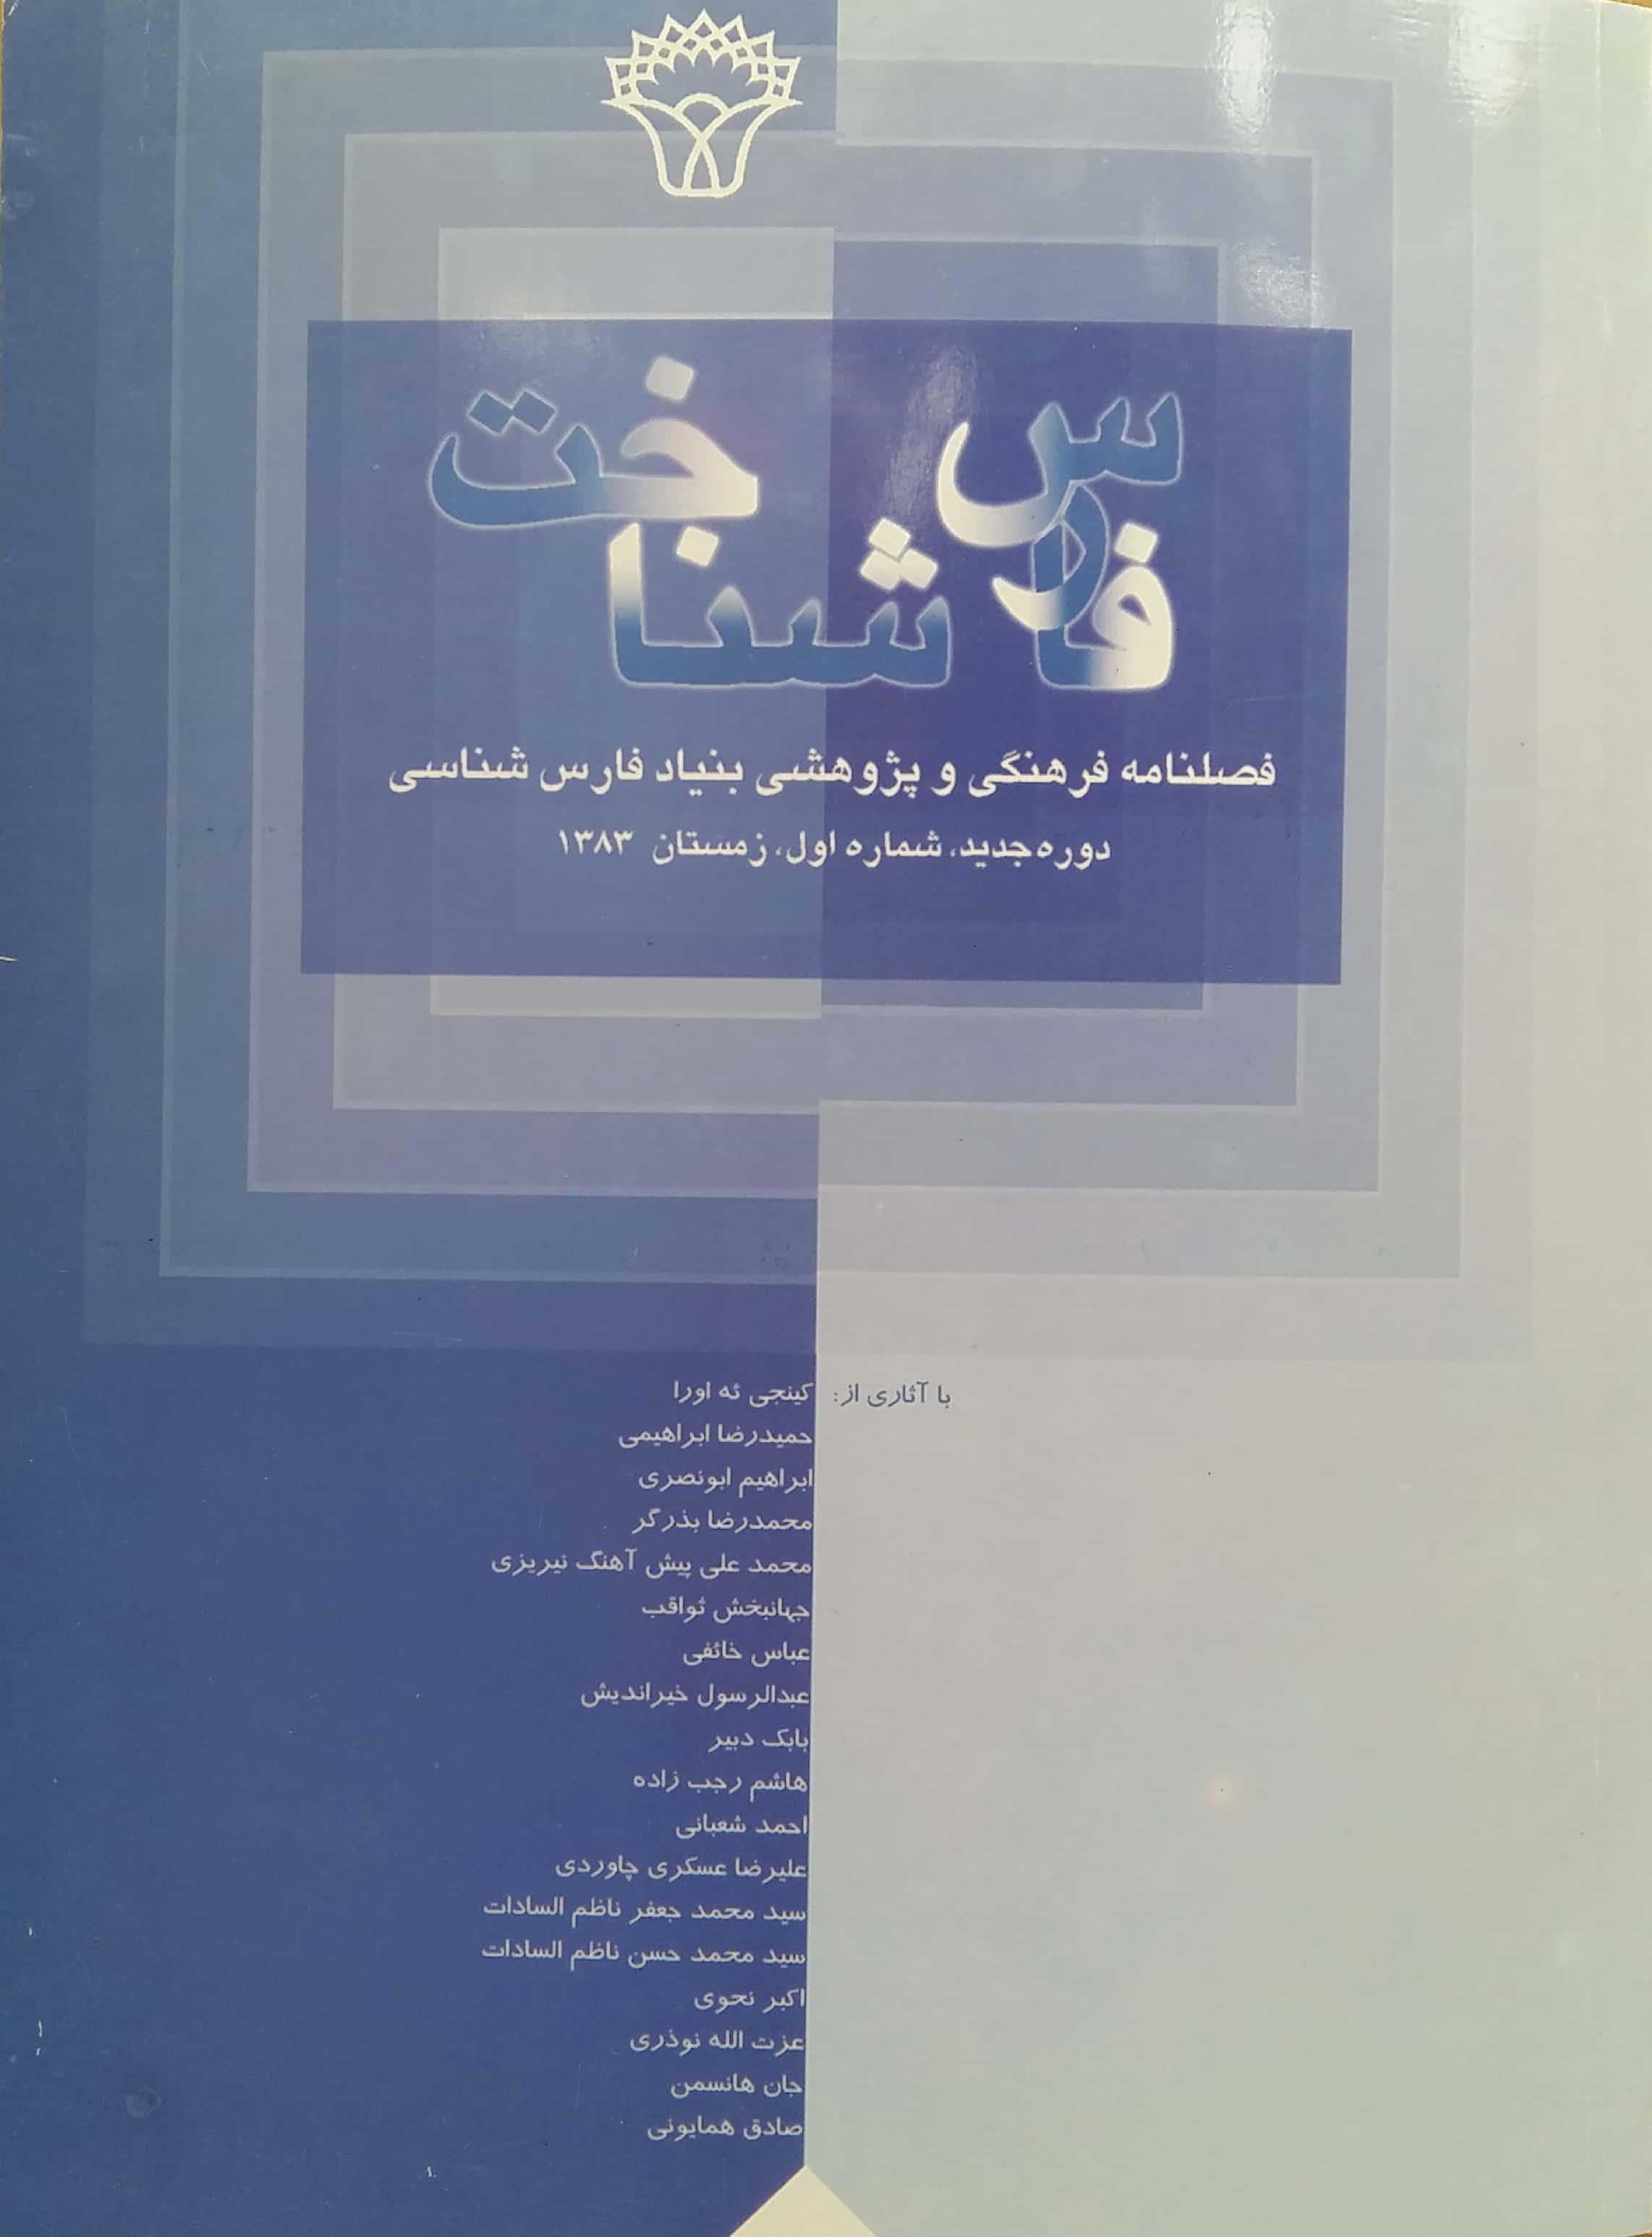 فارس شناخت فصلنامه فرهنگی پژوهشی زمستان 1383(مدیر مسئول و سر دبیر کوروش کمالی سروستانی)